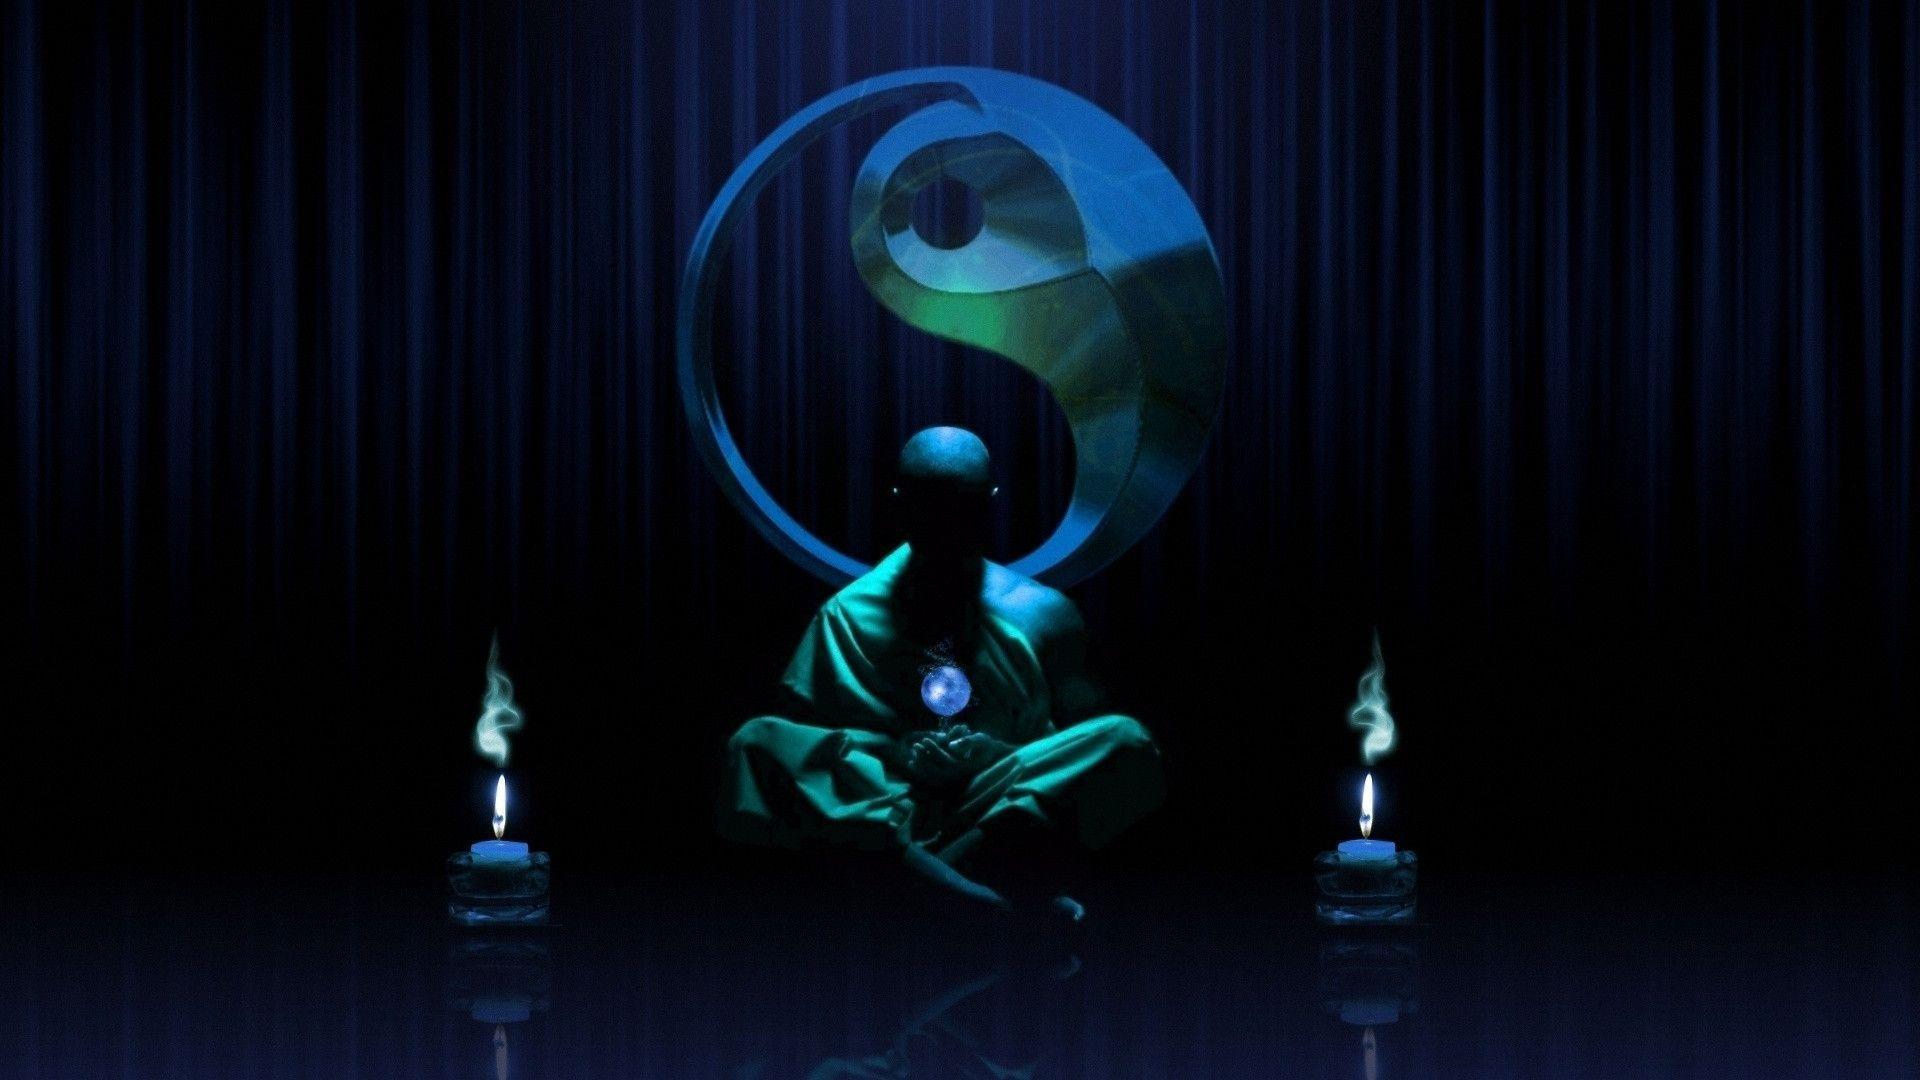 Meditation Wallpapers ...